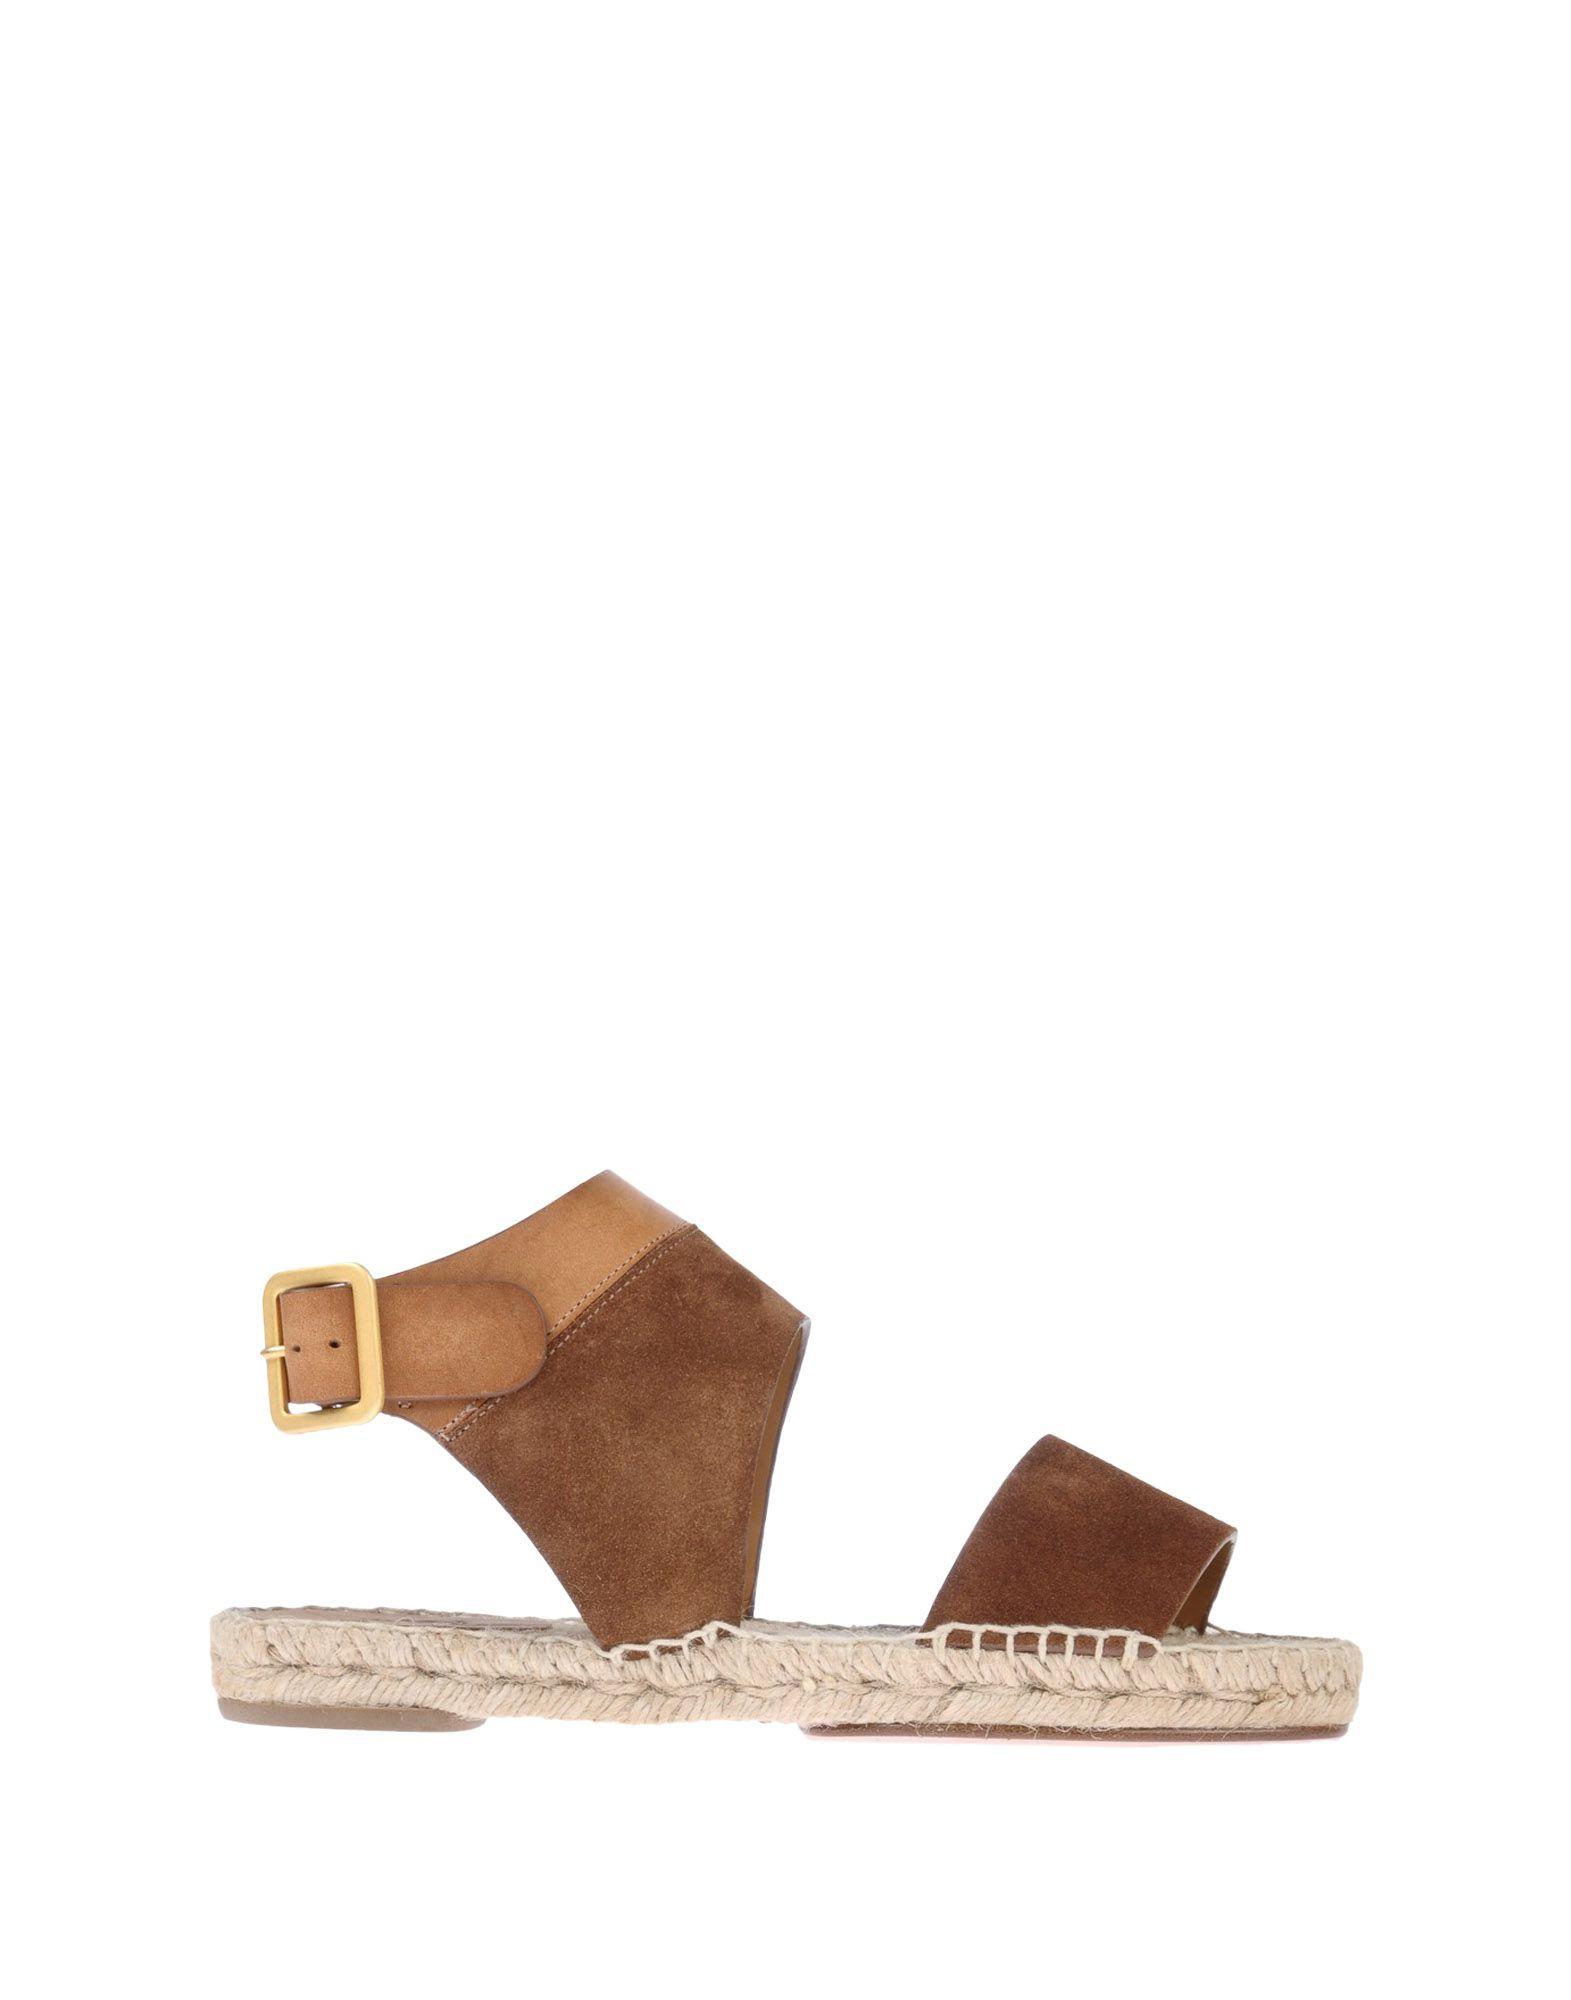 Chloé Sandalen Damen Damen Sandalen  11487799XQ Heiße Schuhe 0e0b61